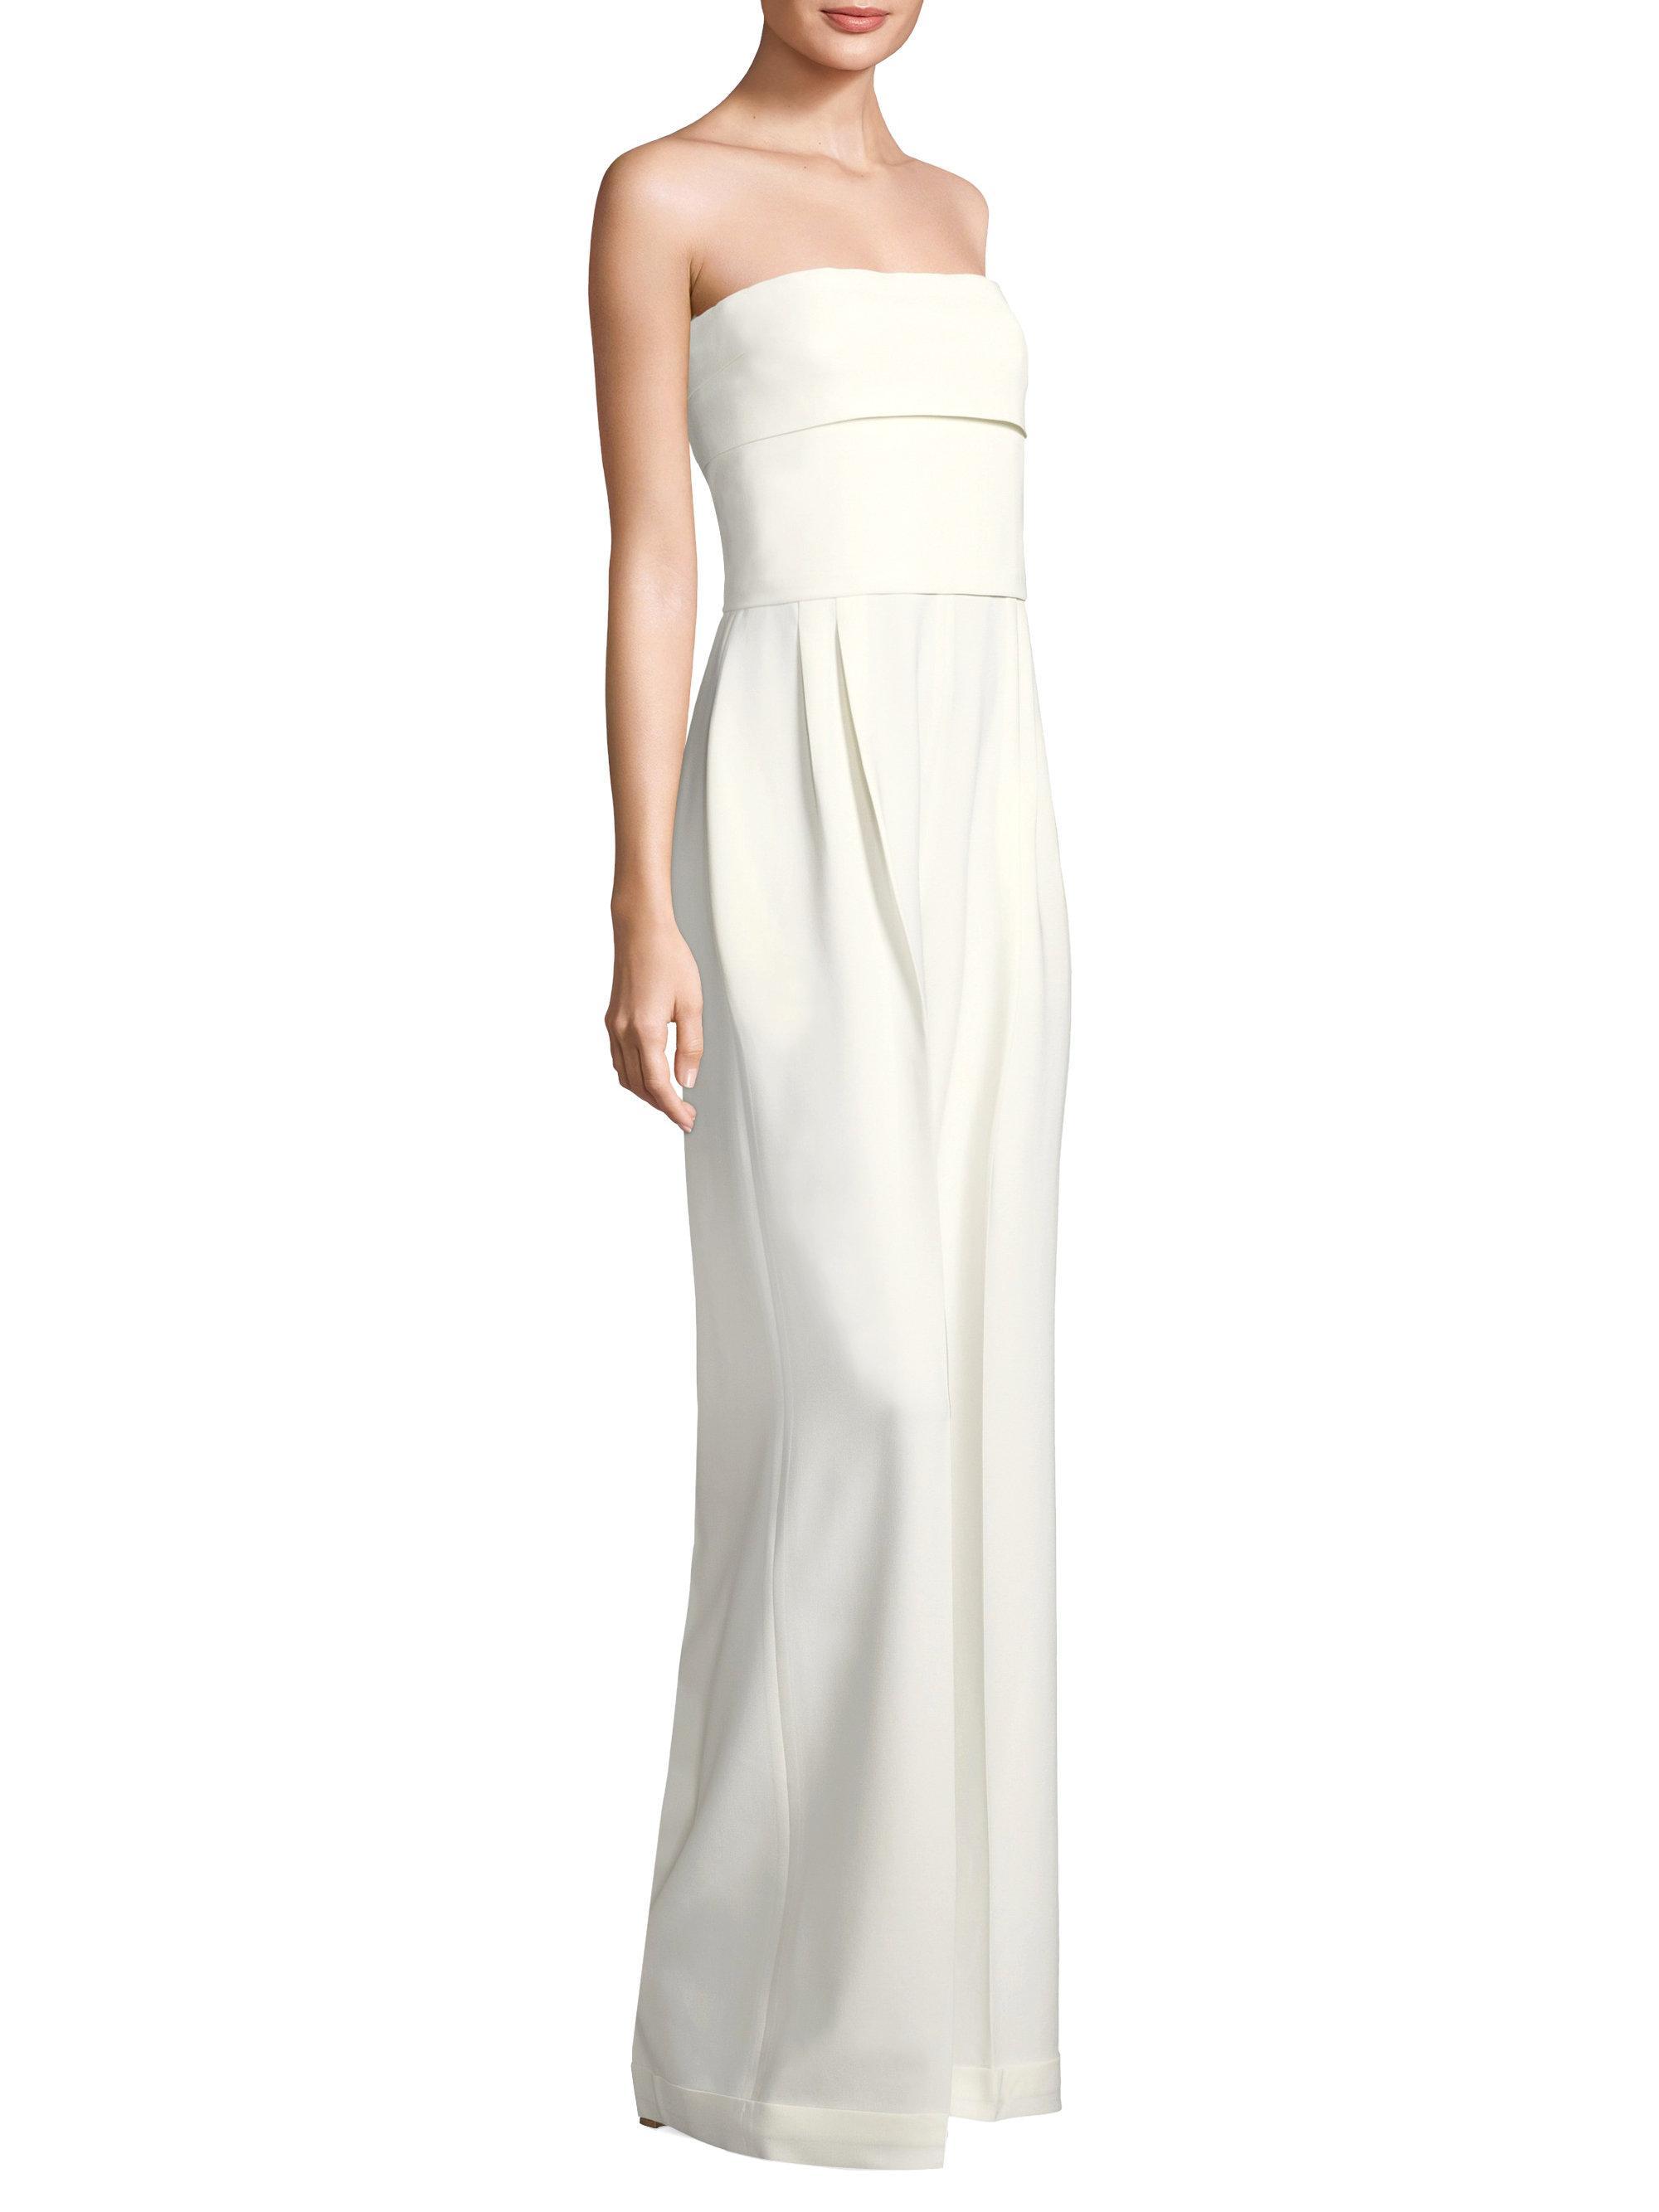 5e4f4b536a7 Lyst - Max Mara Edo Jumpsuit in White